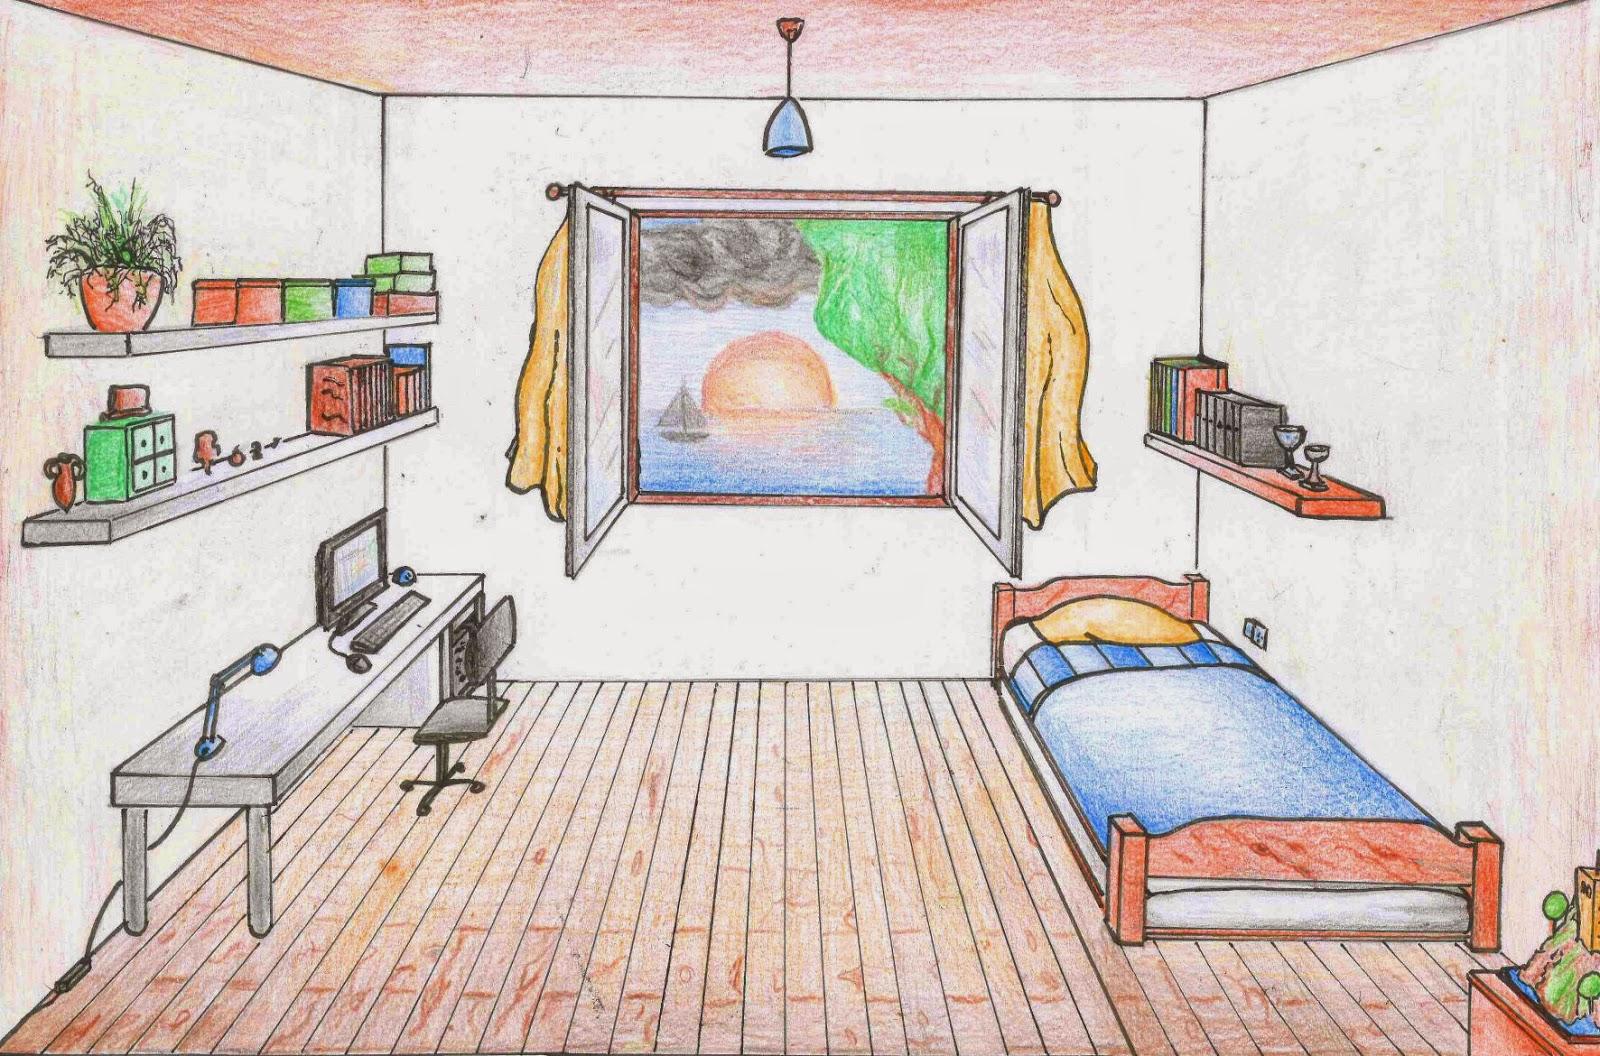 Lida pl stica habitaci en perspectiva c nica - Habitacion para colorear ...